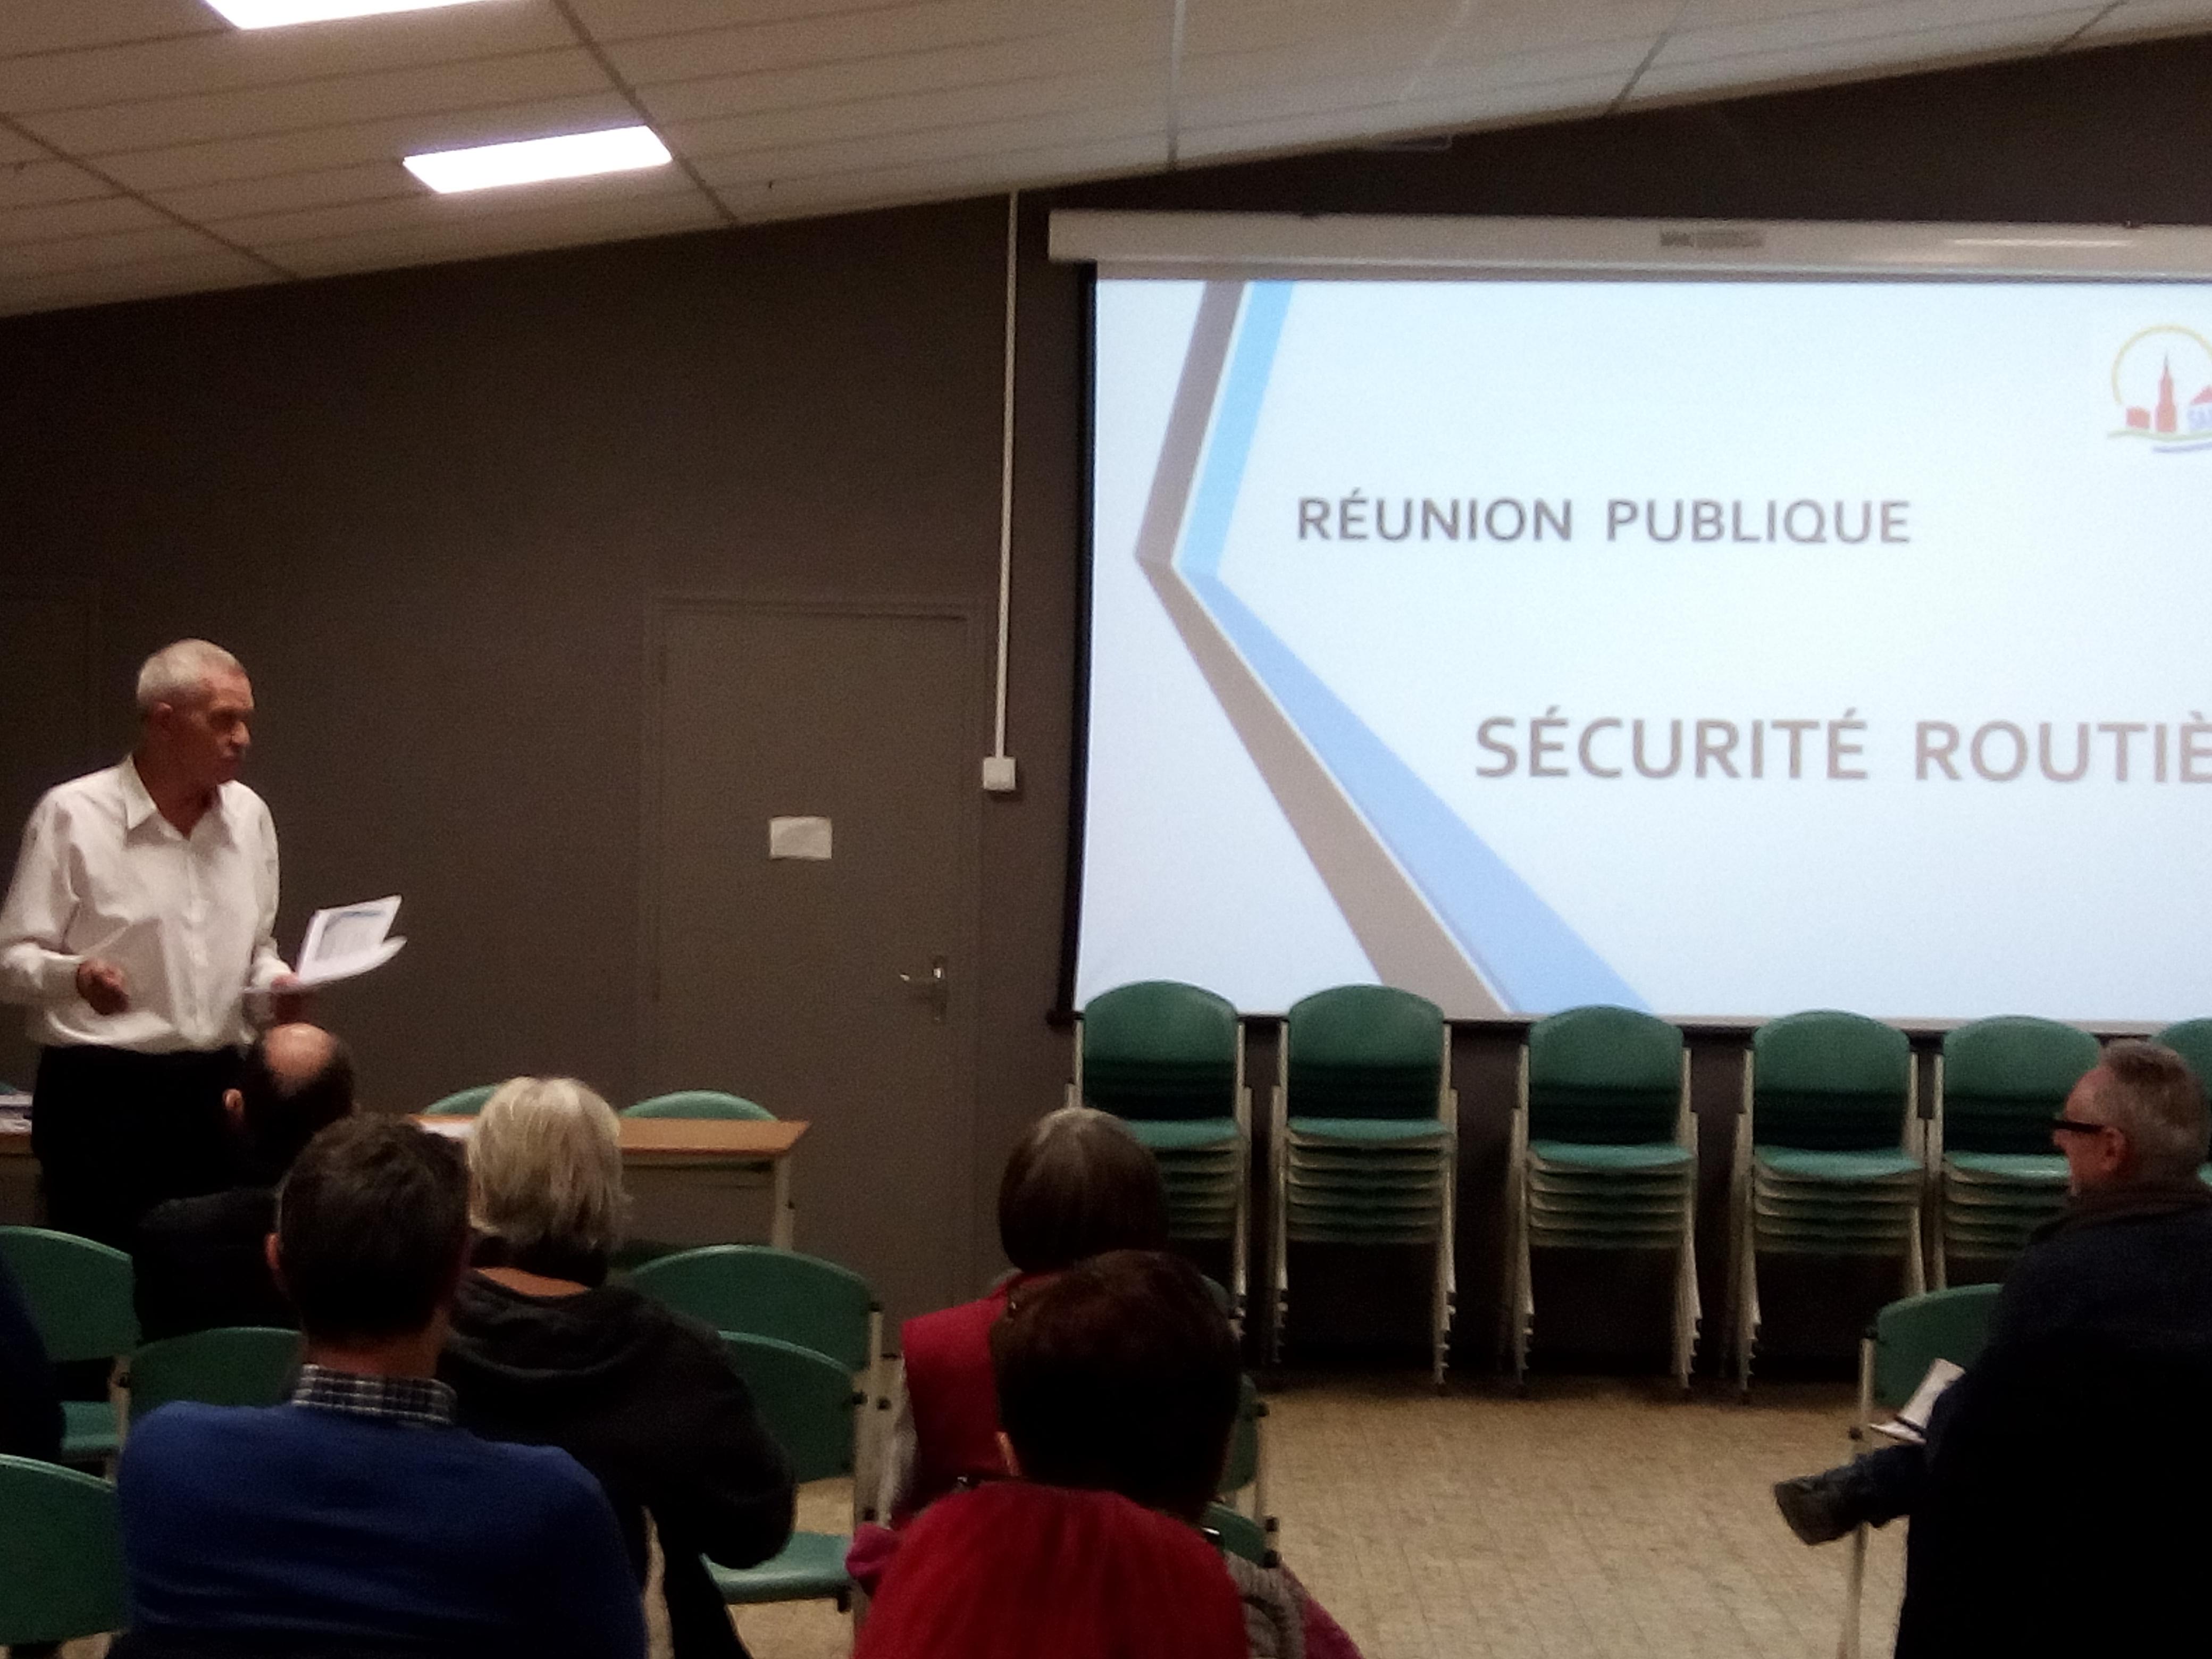 réunion publique (7)